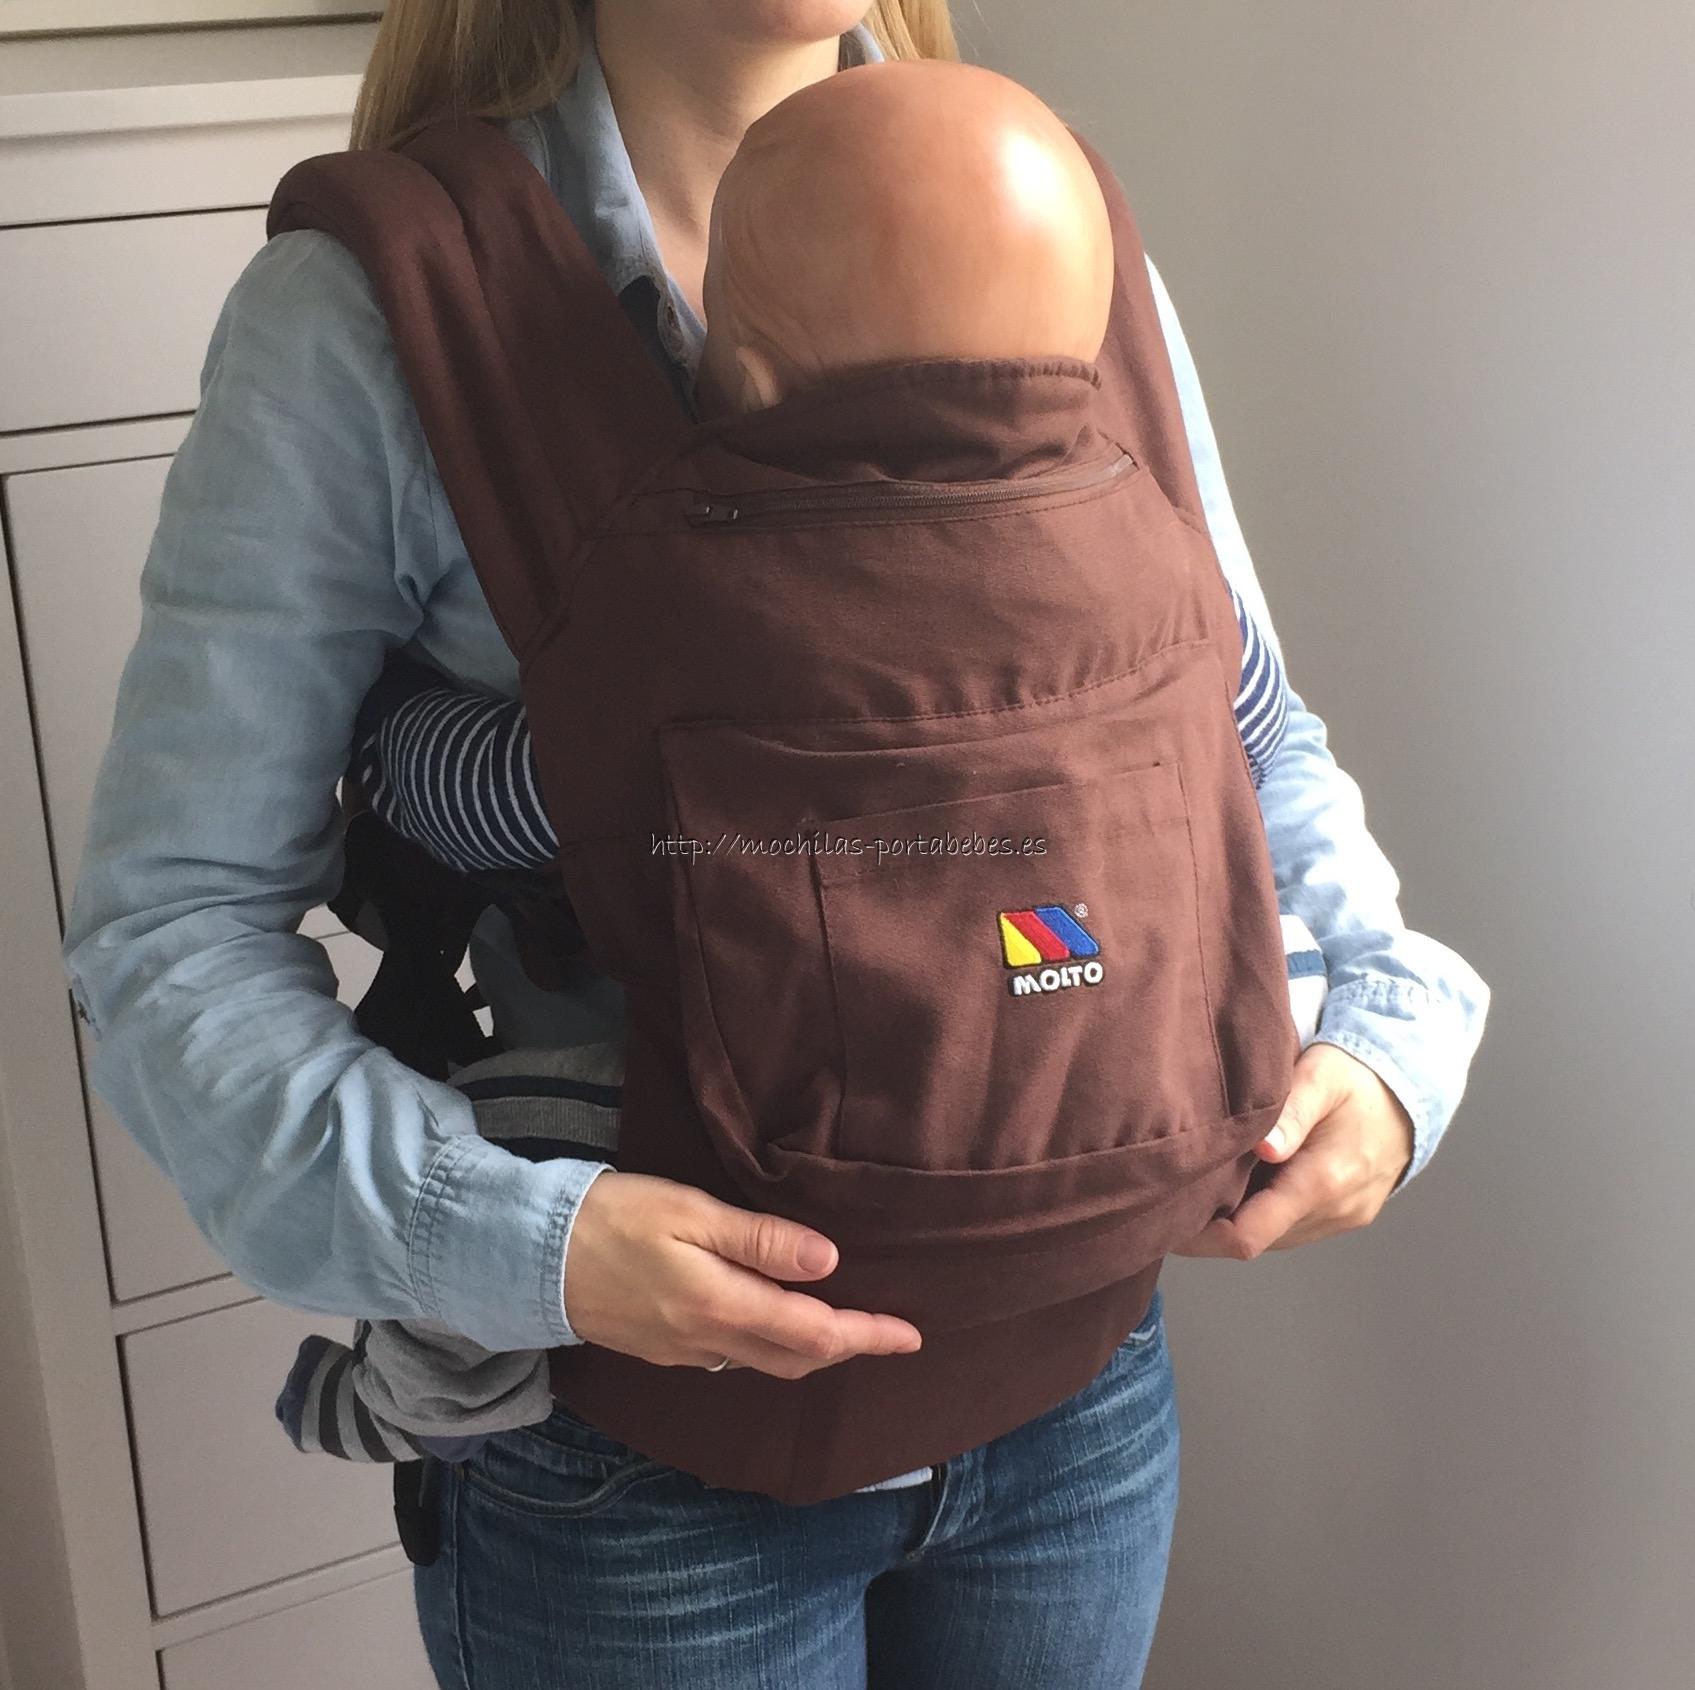 Molto Ergonomic Comfort Carrier llevando al bebé delante